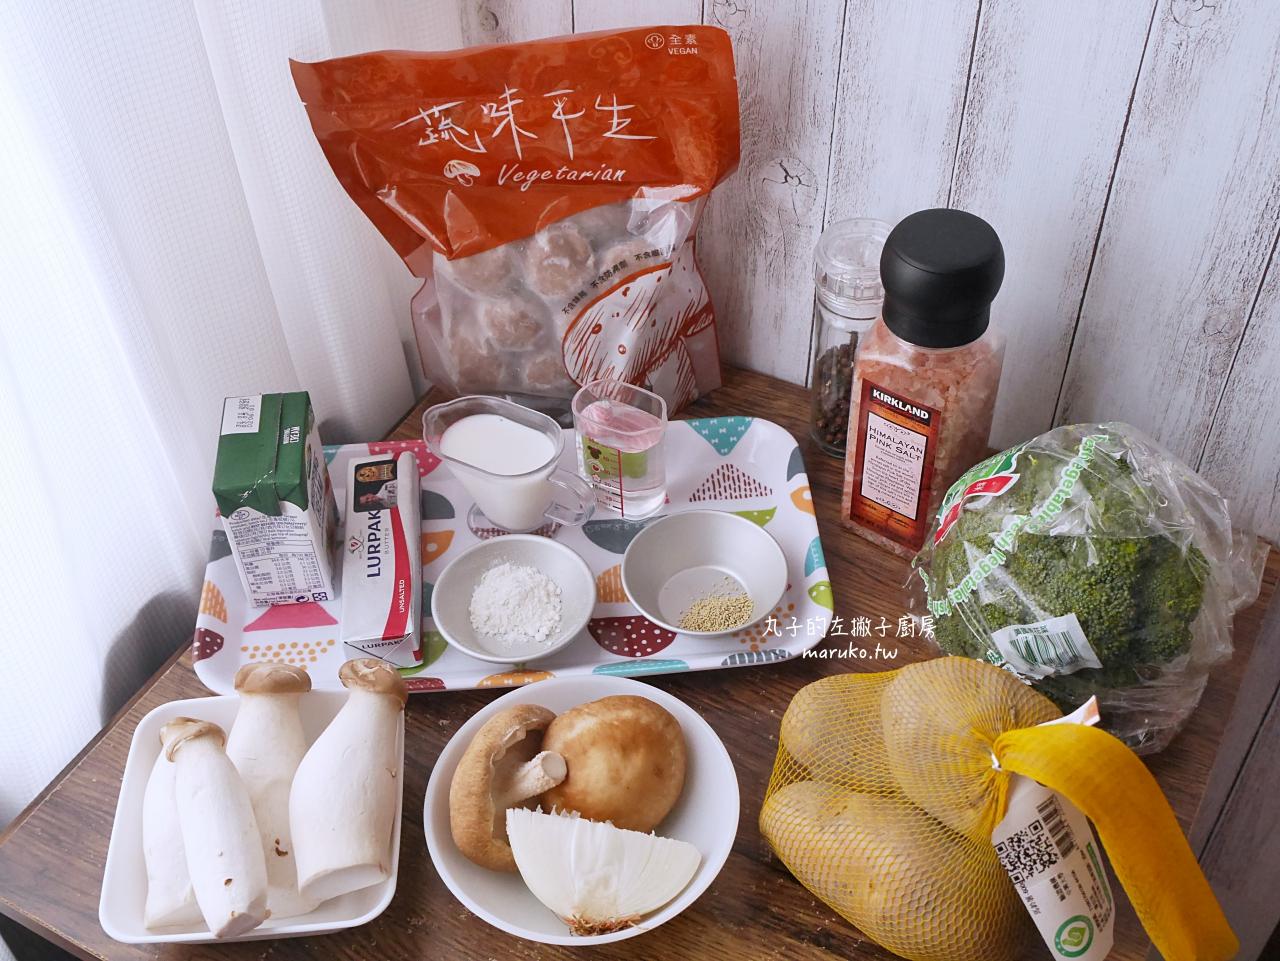 【素食料理食譜】三種異國風味醬汁做法|蔬味平生 蔬福未來植物肉系列輕鬆上桌|台灣真善美推薦 @Maruko與美食有個約會